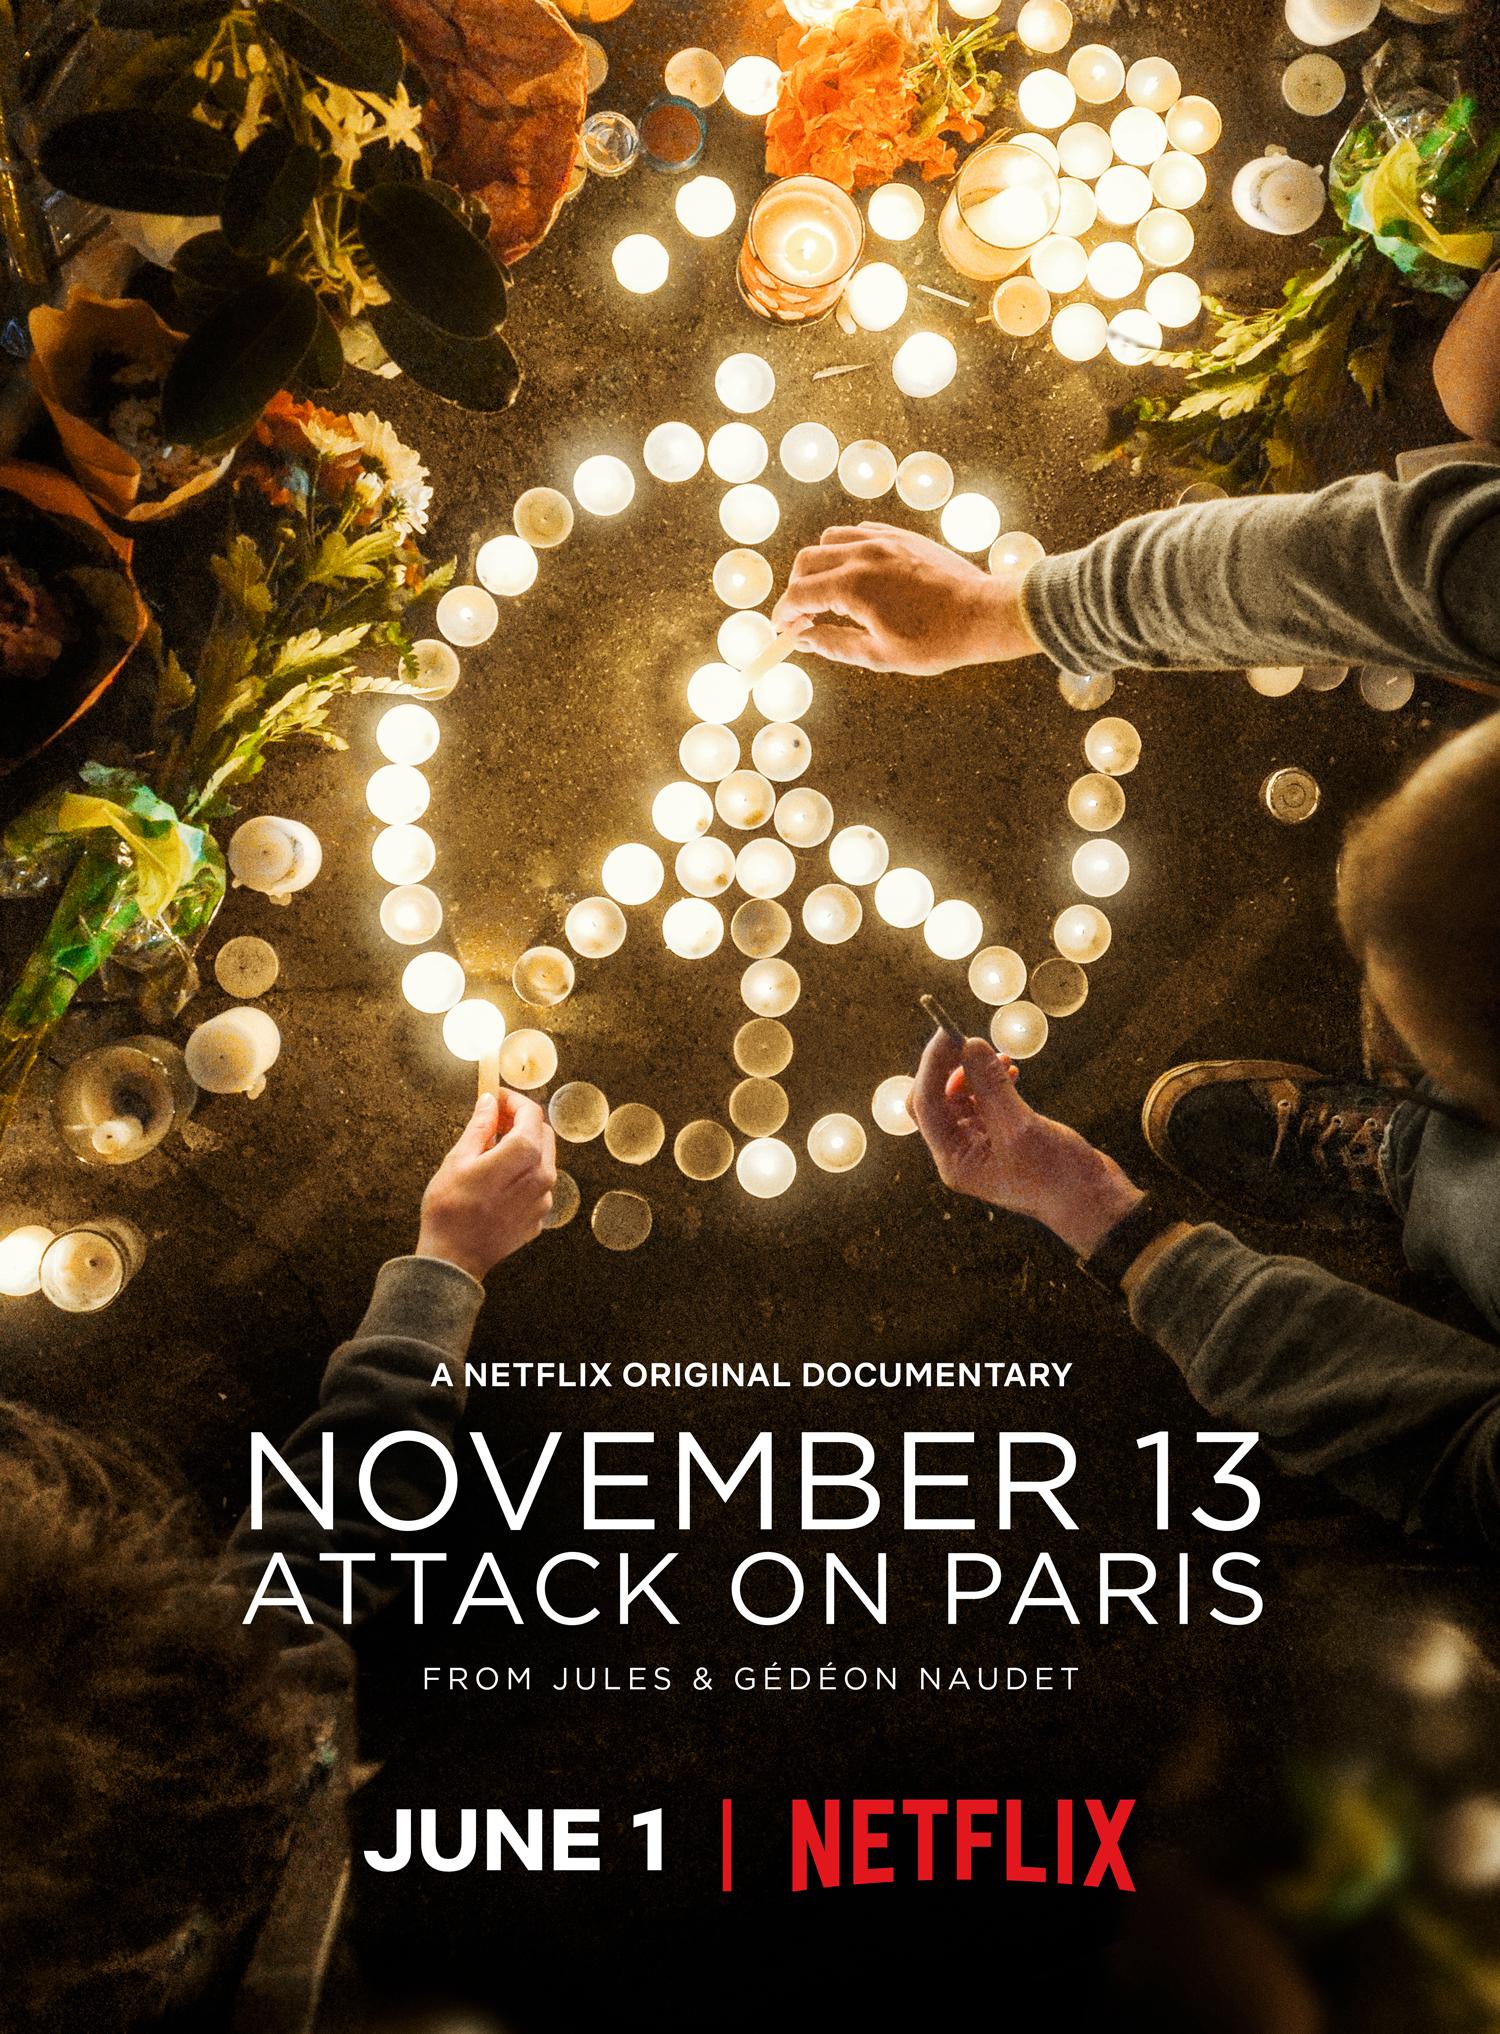 Фильм 13 ноября: Атака на Париж (1 сезон)